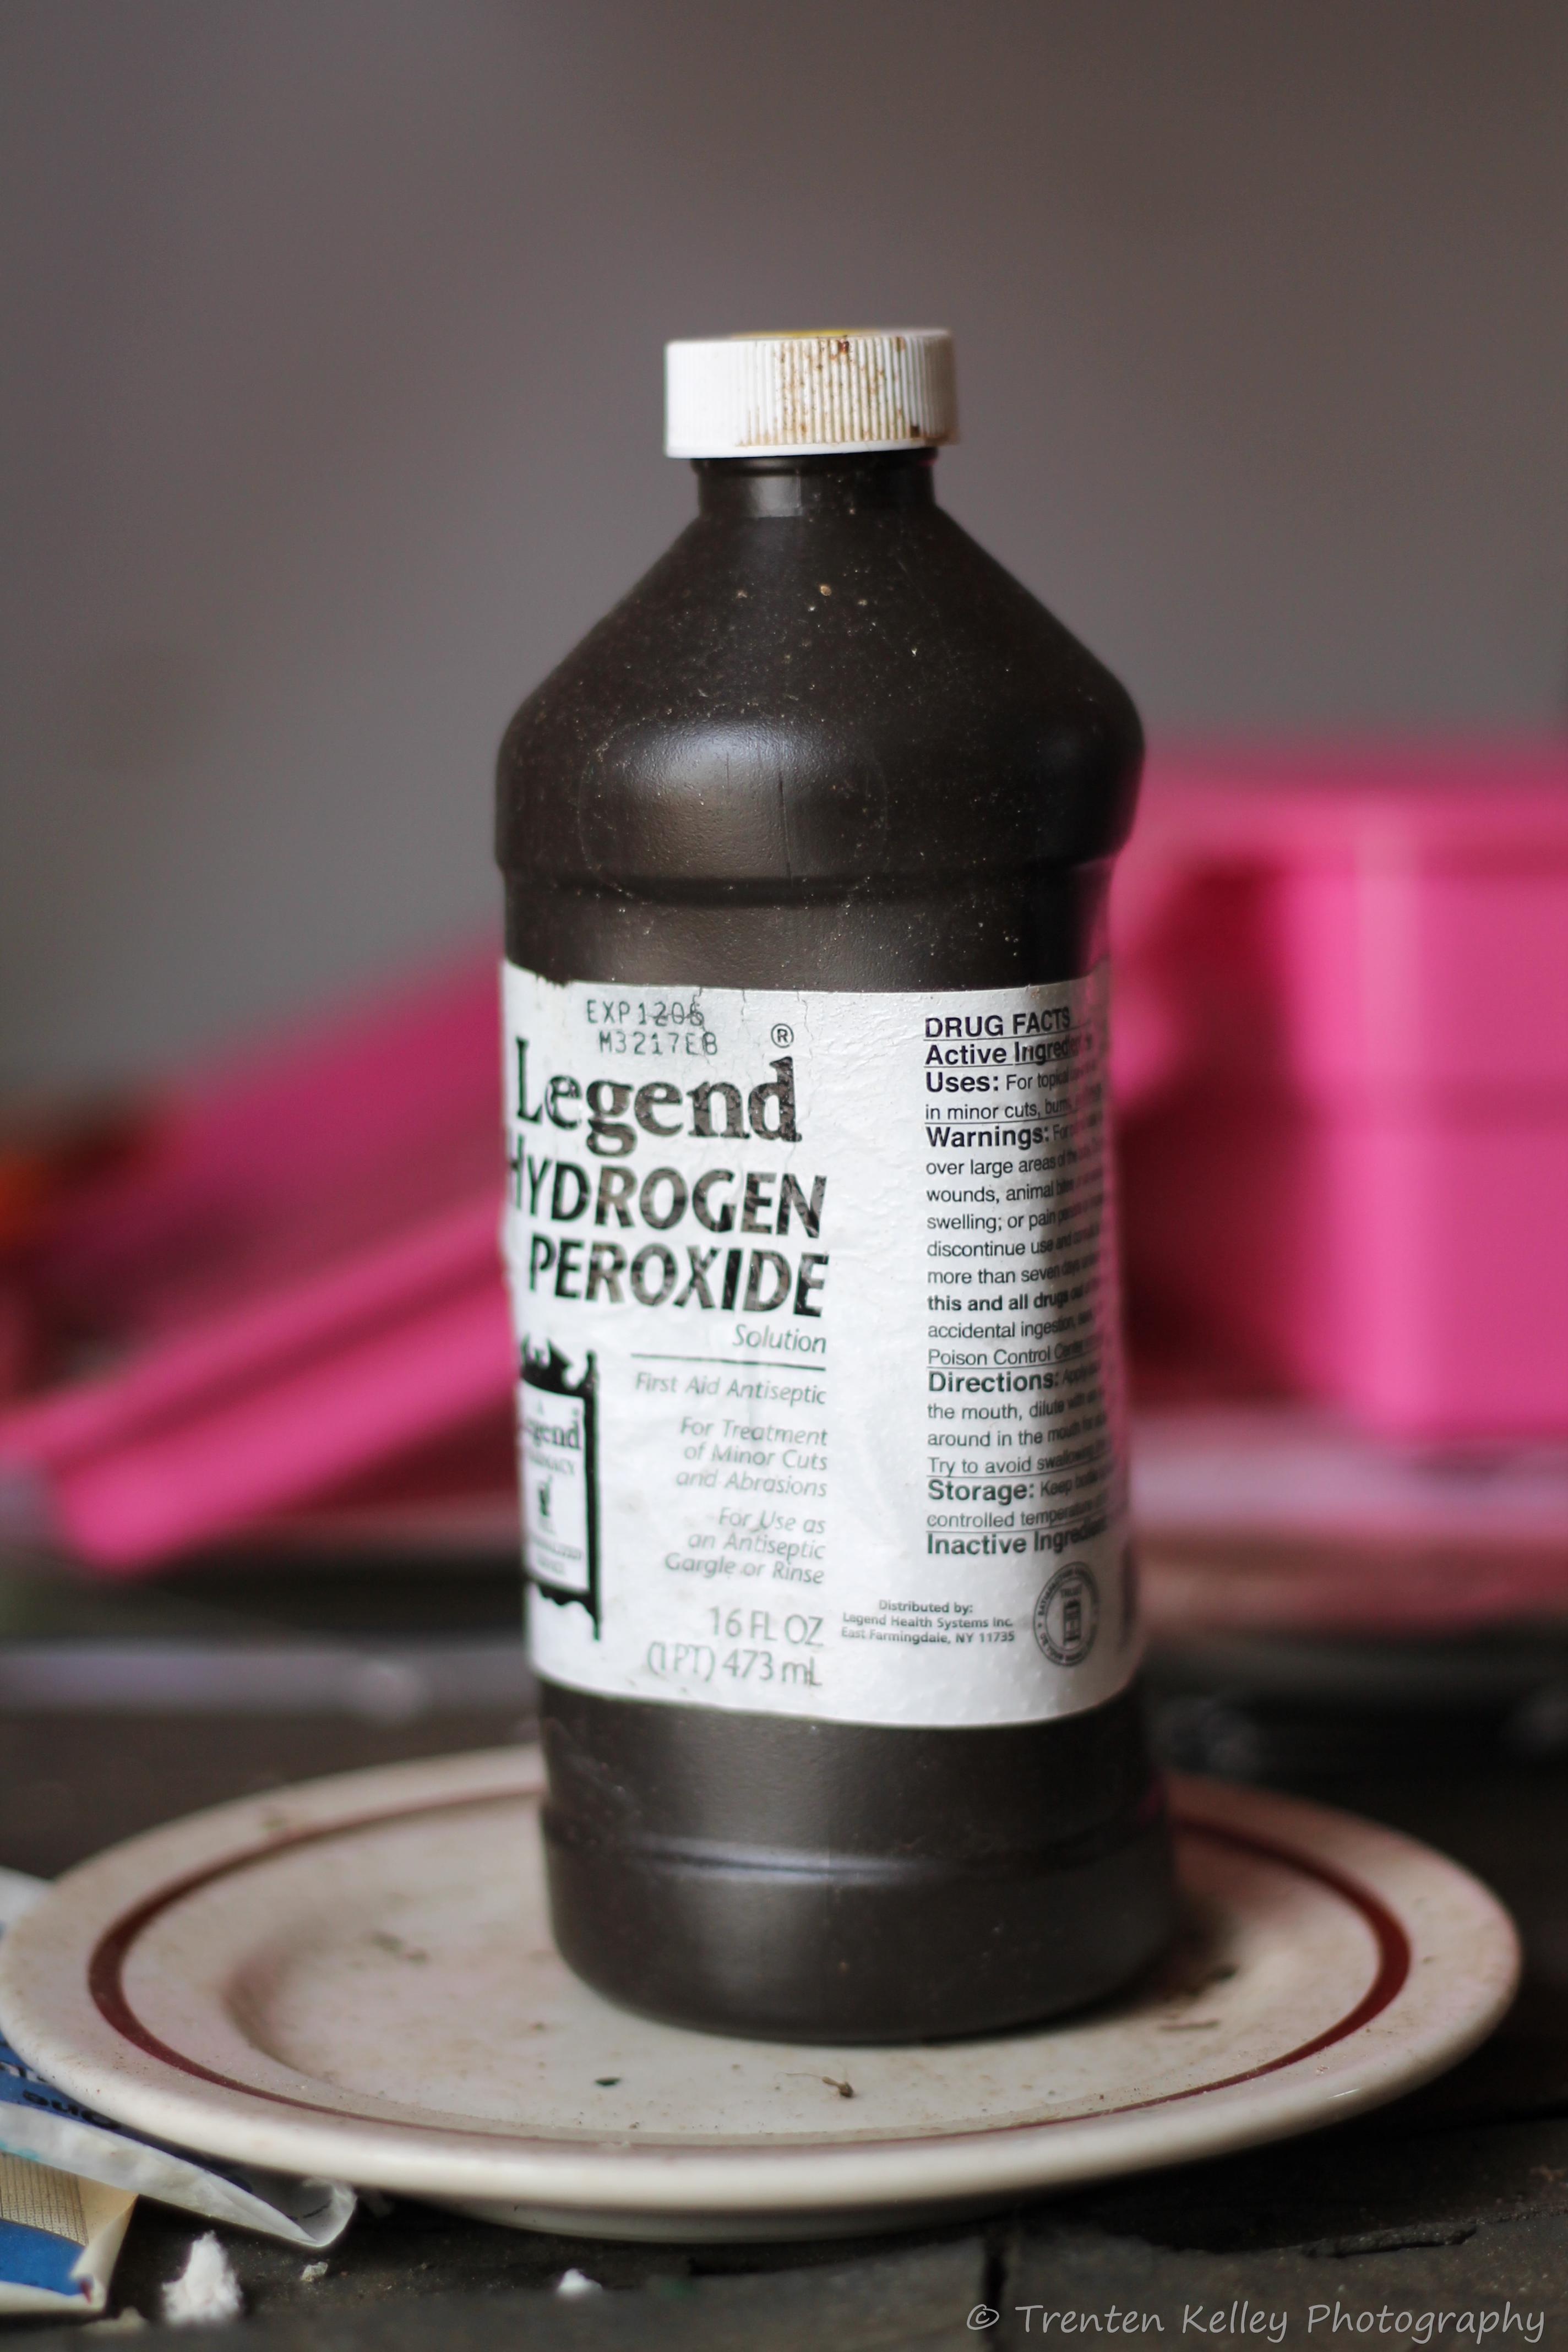 hyrogen peroxide